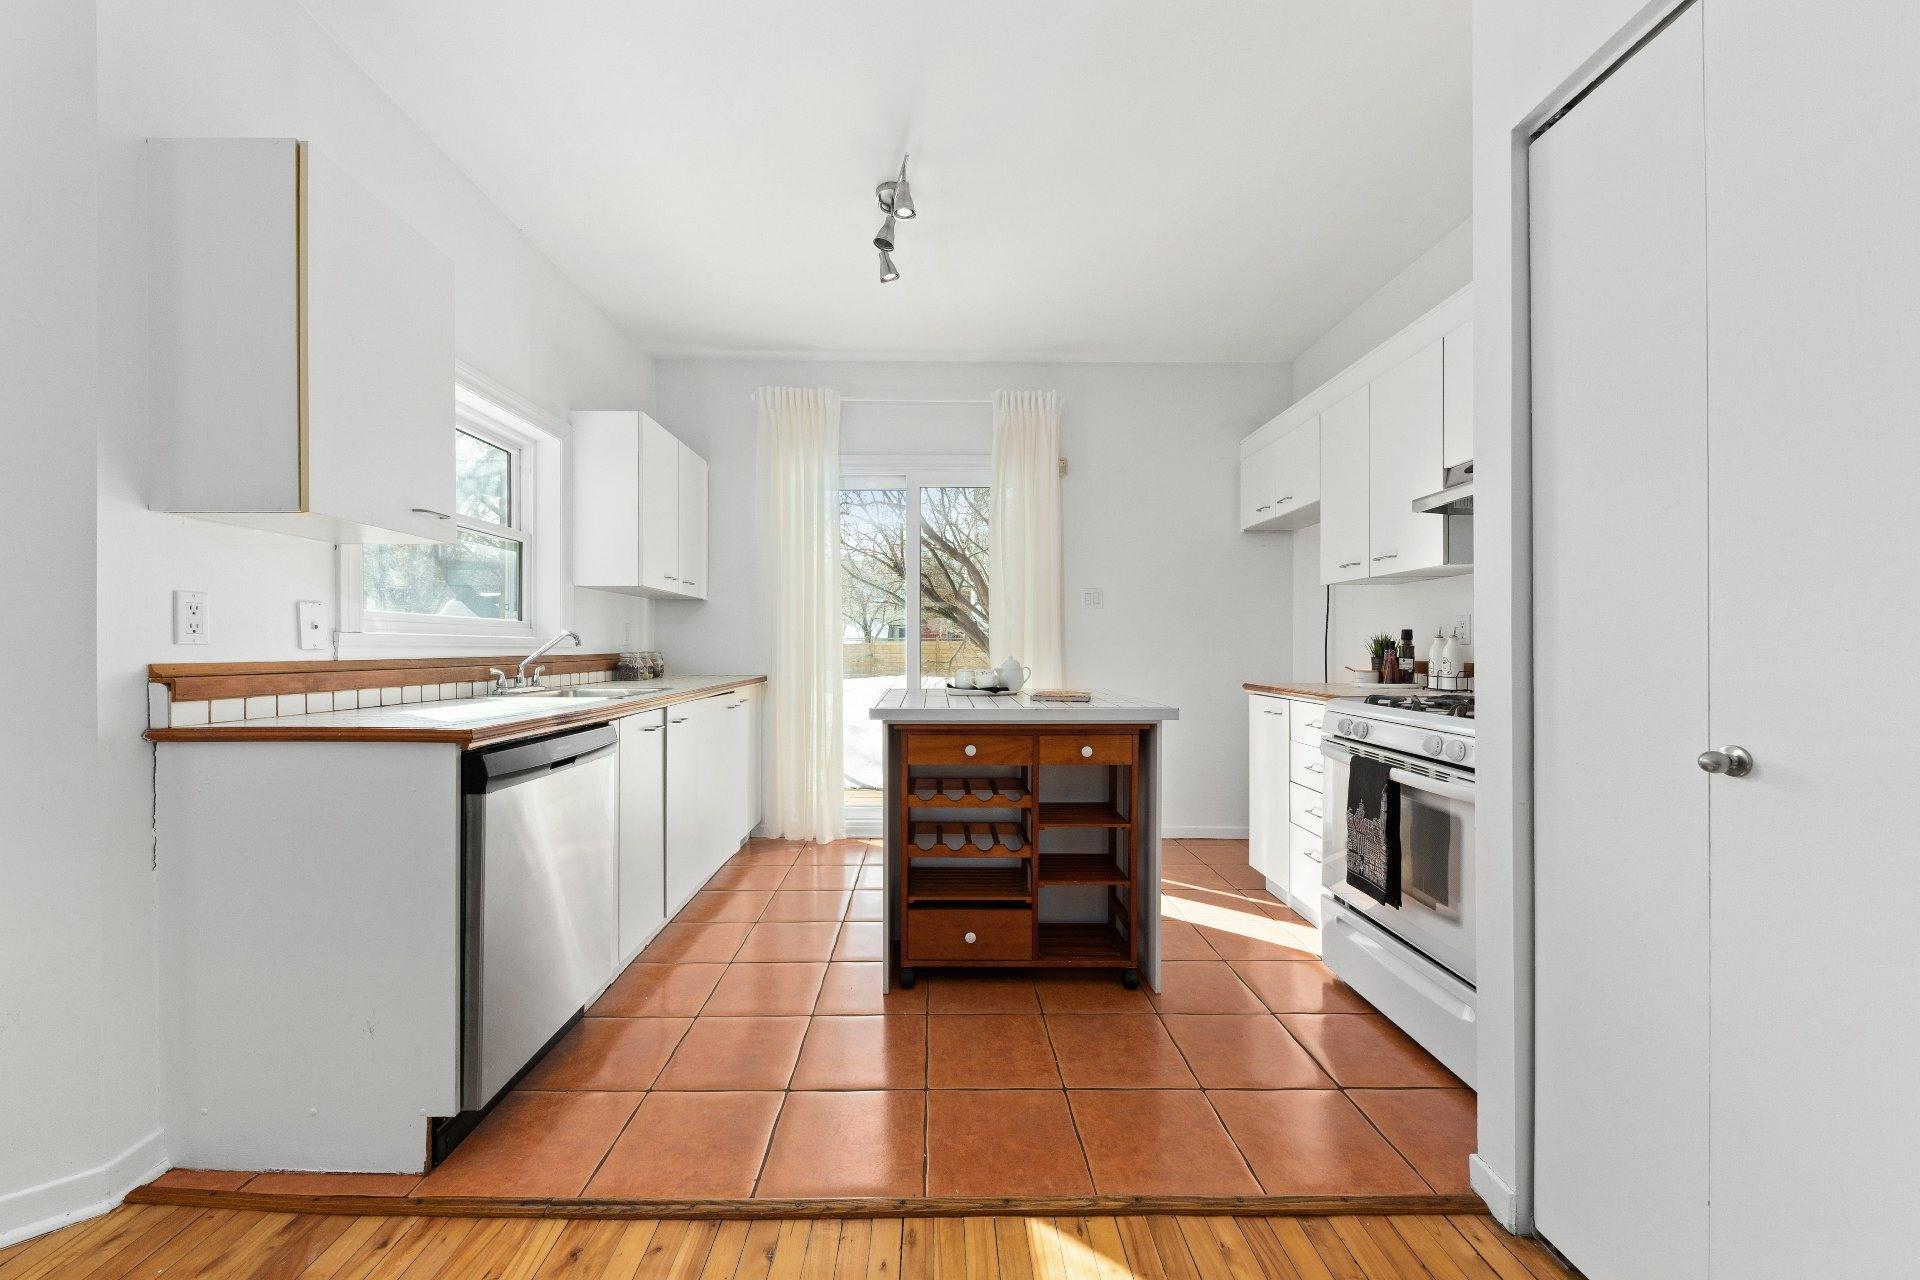 image 11 - Duplex For sale Le Plateau-Mont-Royal Montréal  - 5 rooms